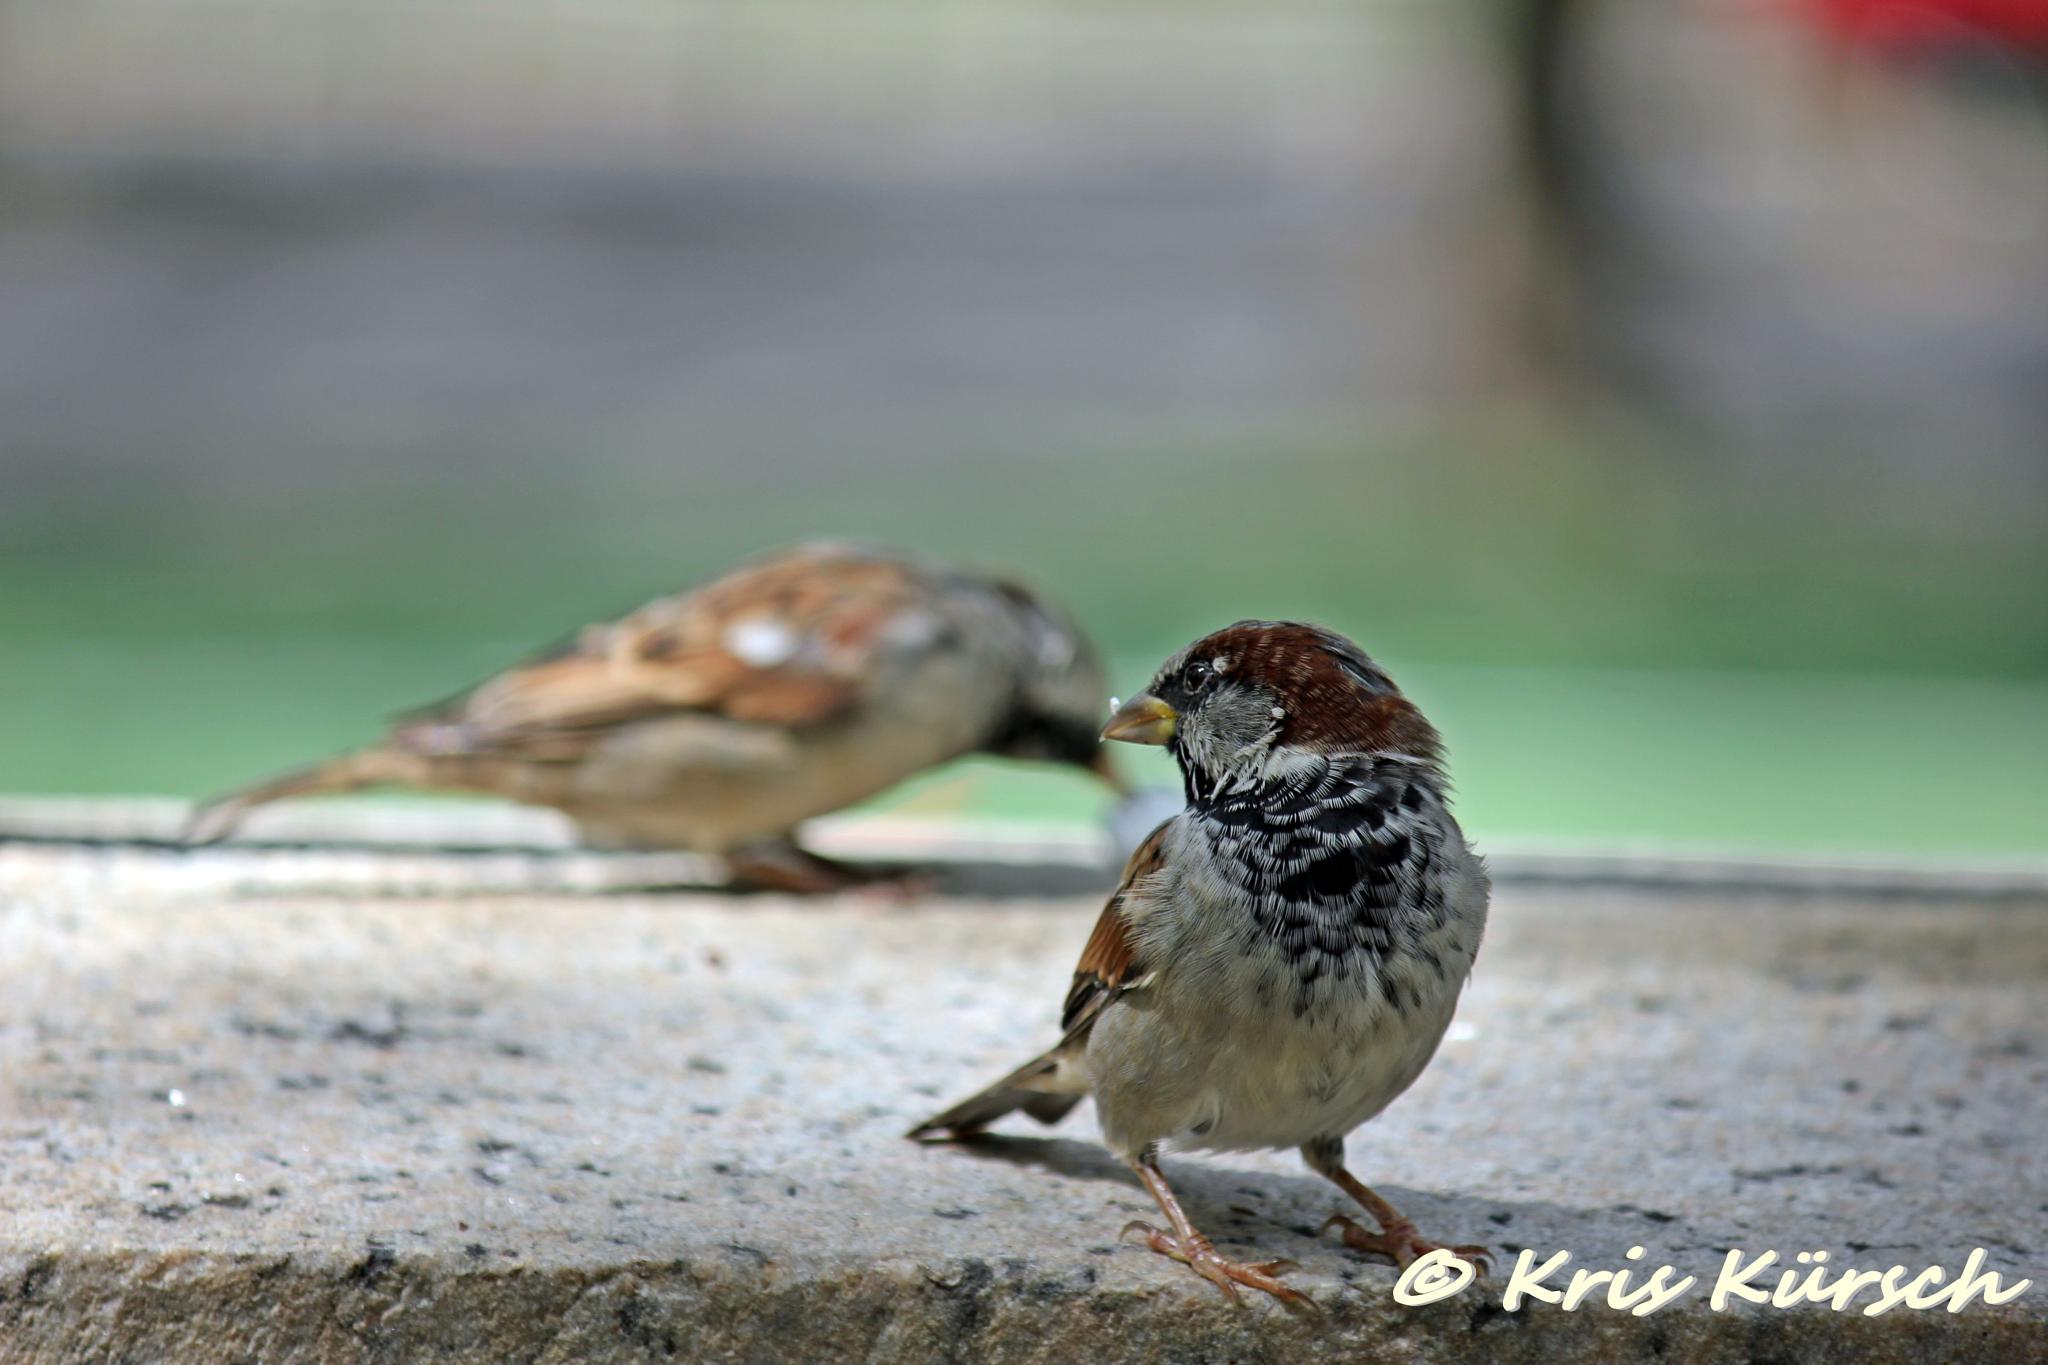 Bird's life by Kris Kursch